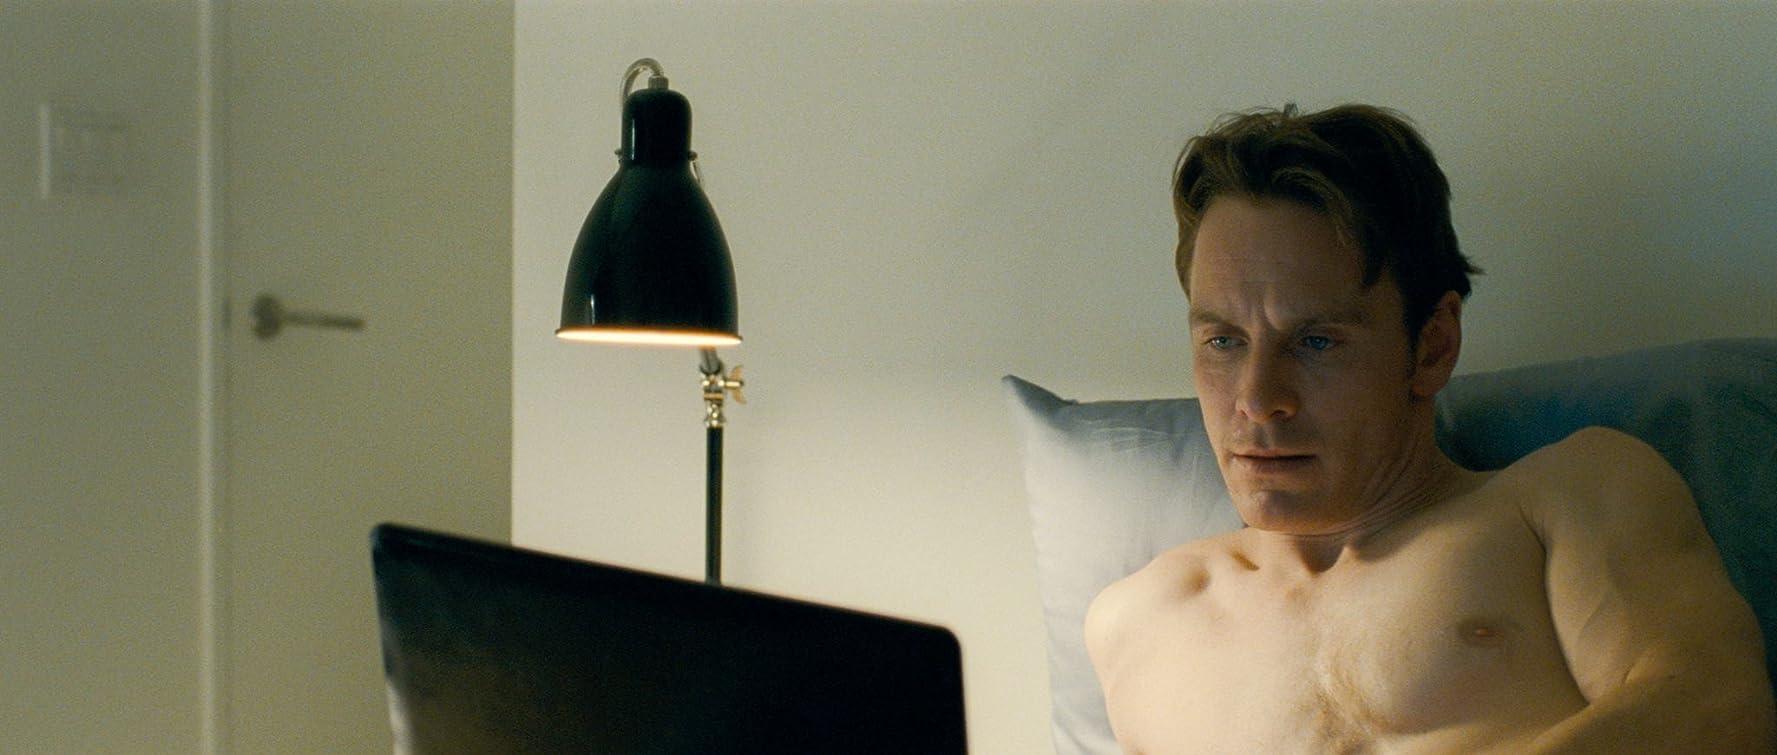 Michael Fassbender in Shame (2011)